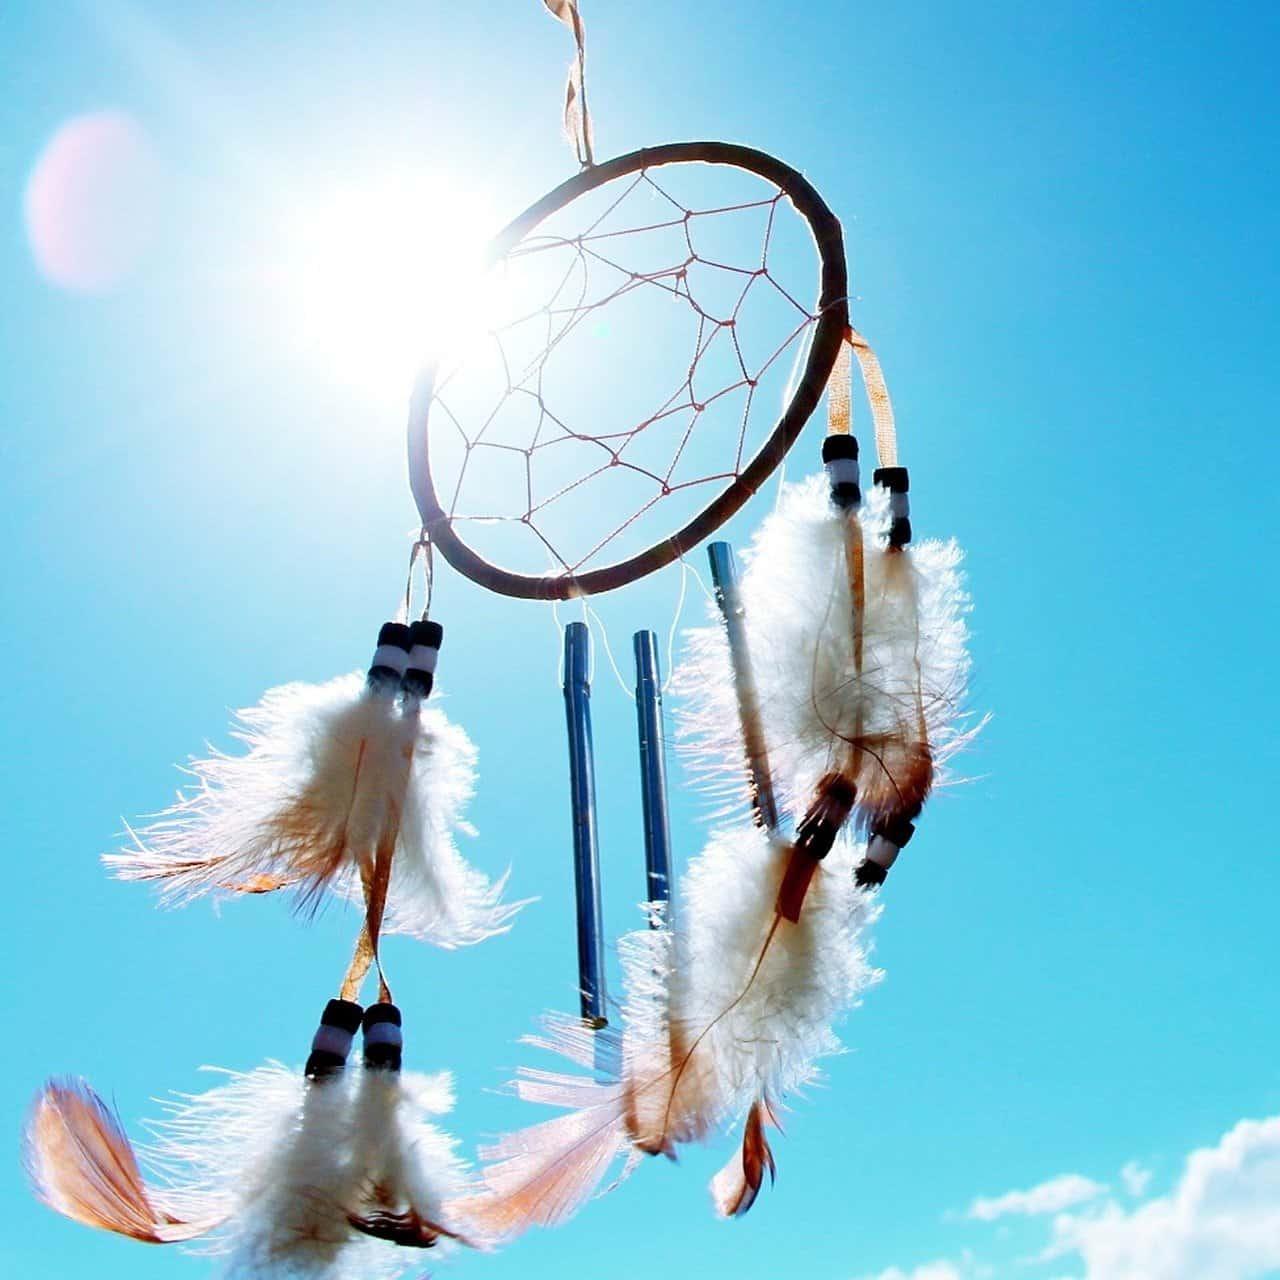 dreamcatcher on a blue sky background